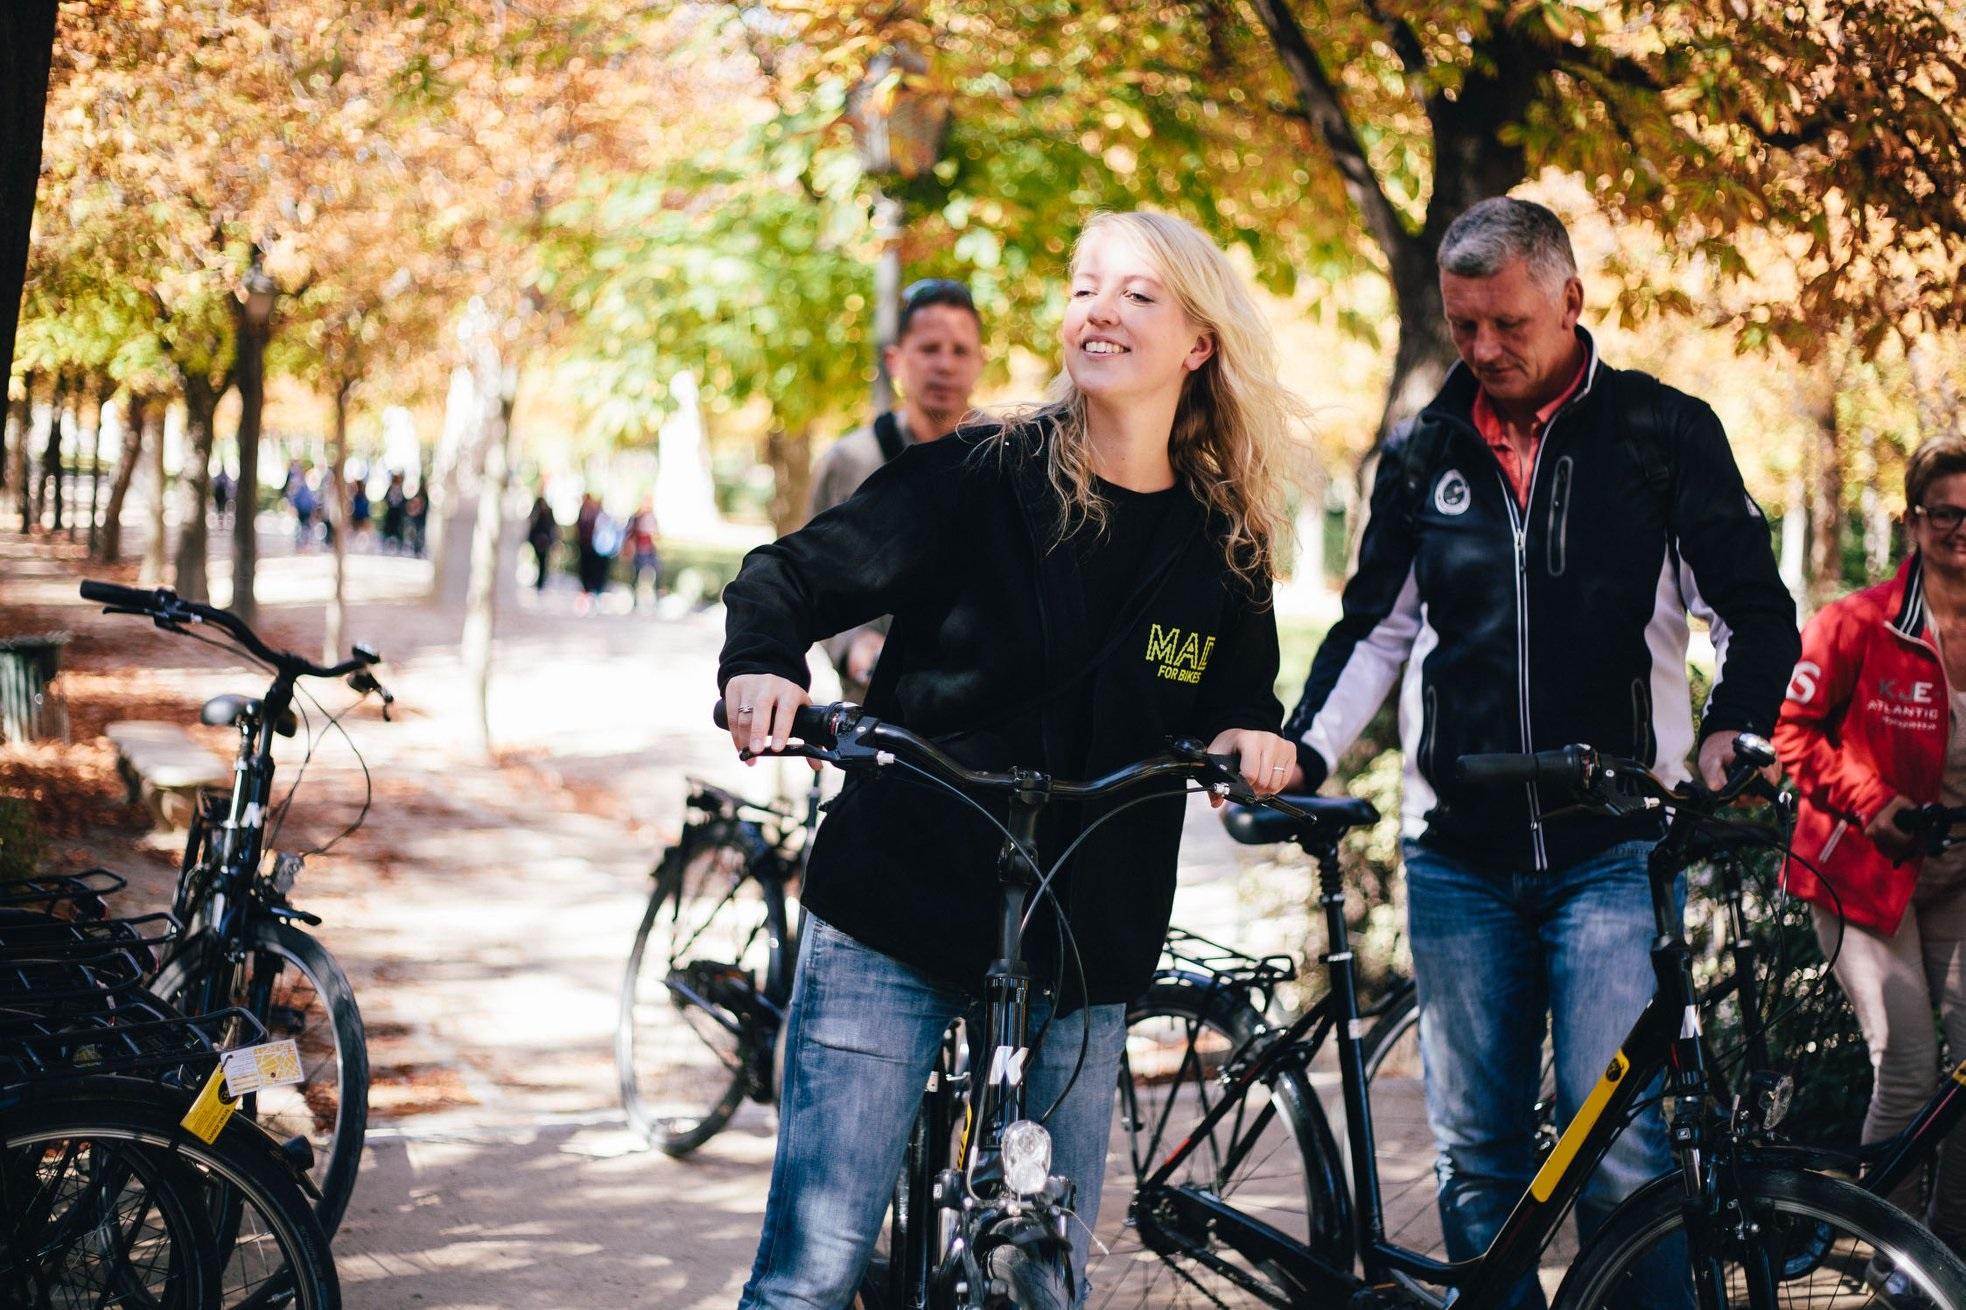 Passeio de Bicicleta em Madrid